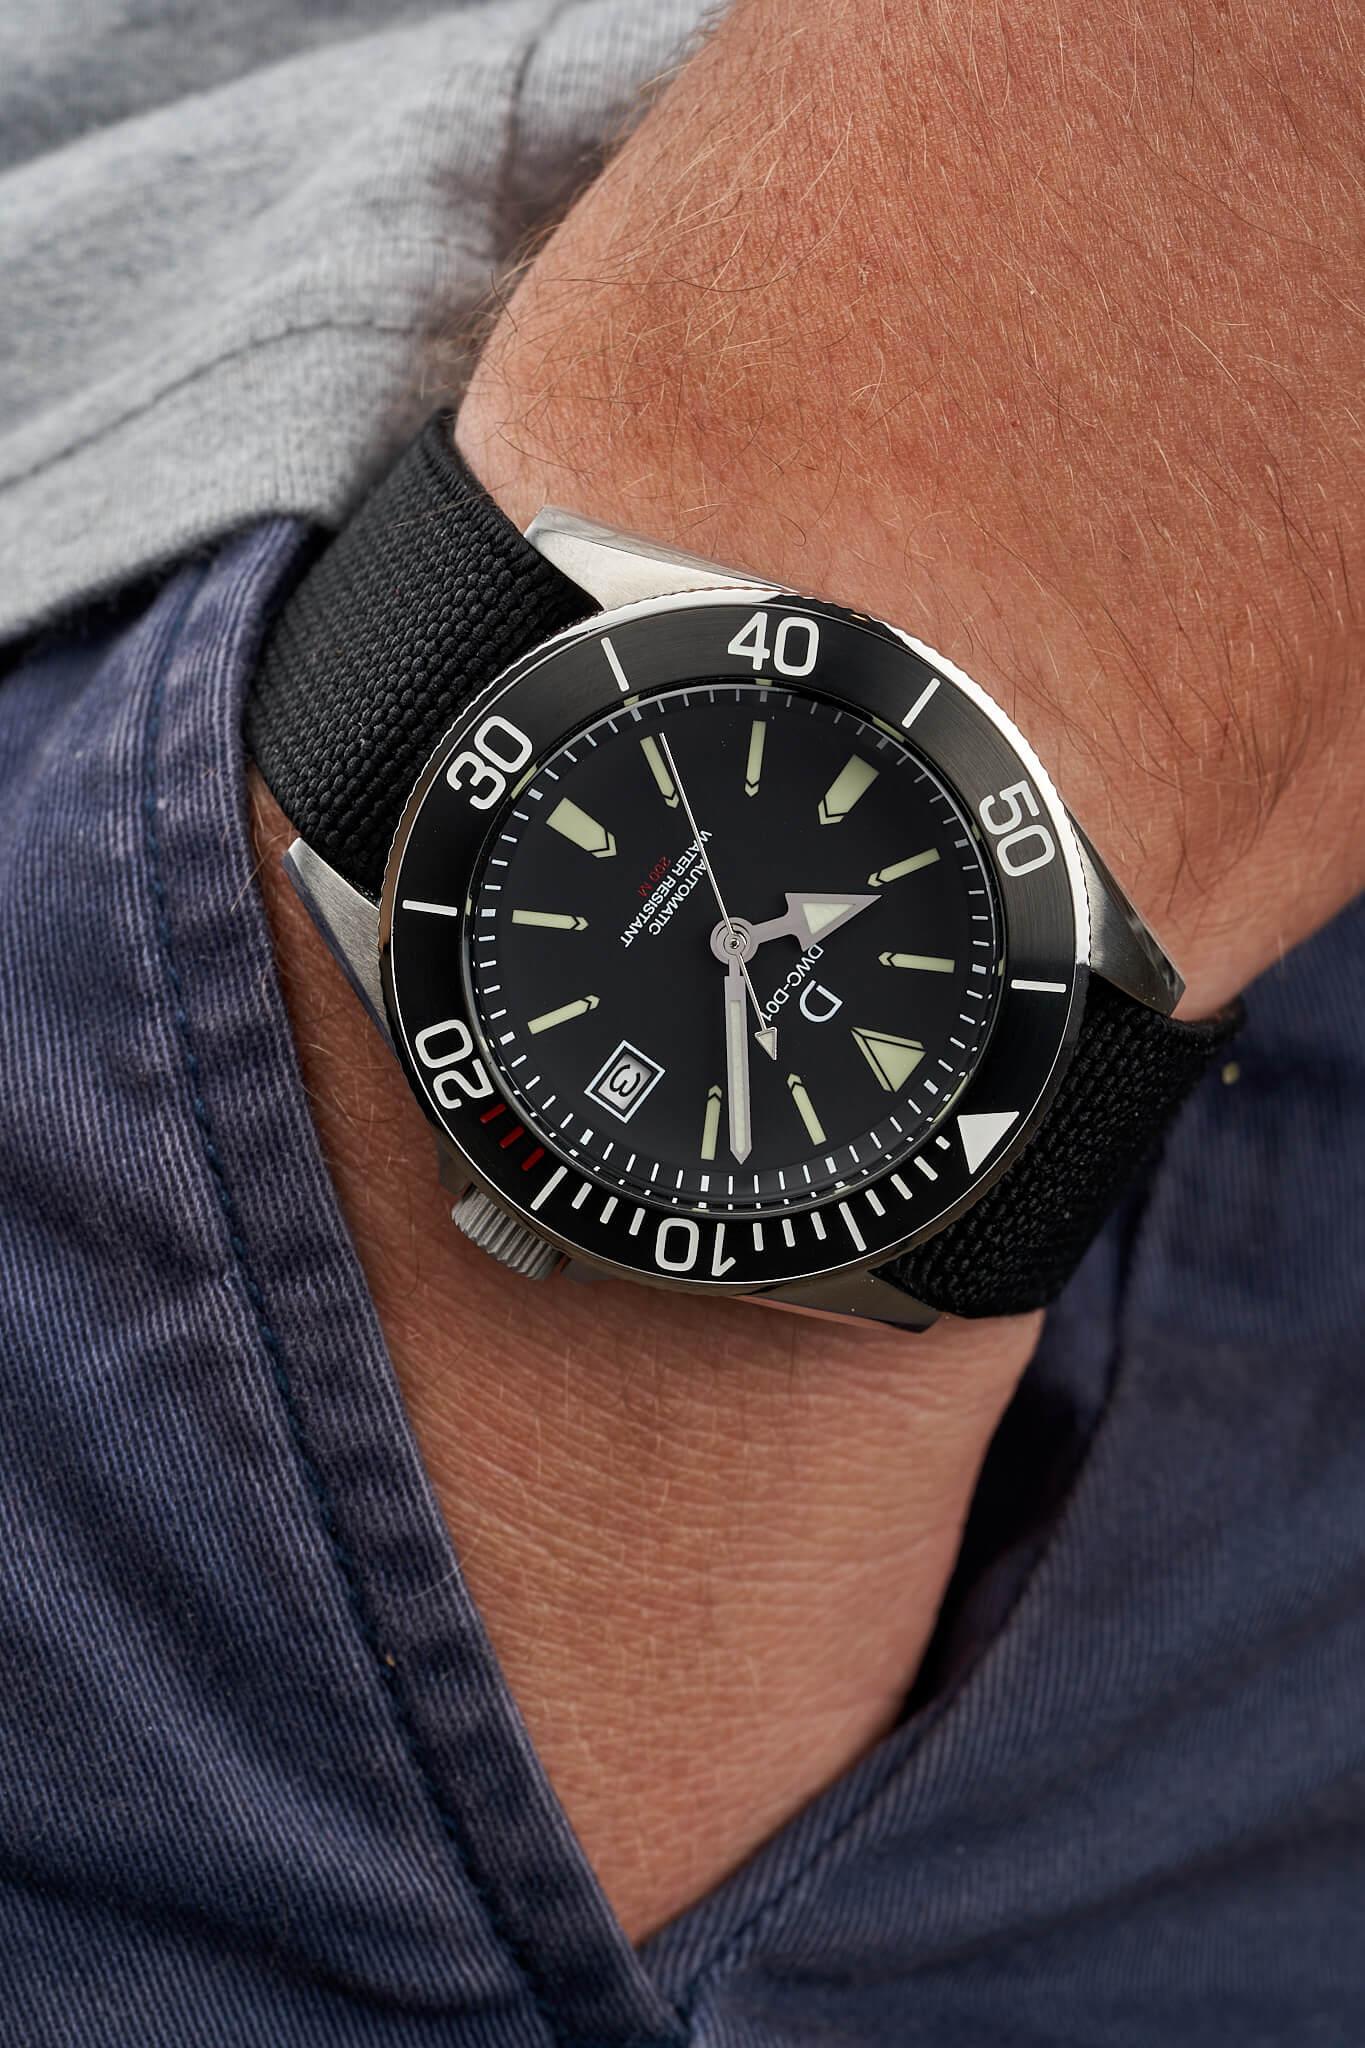 diy-watch-club-diver-dwcd01-15